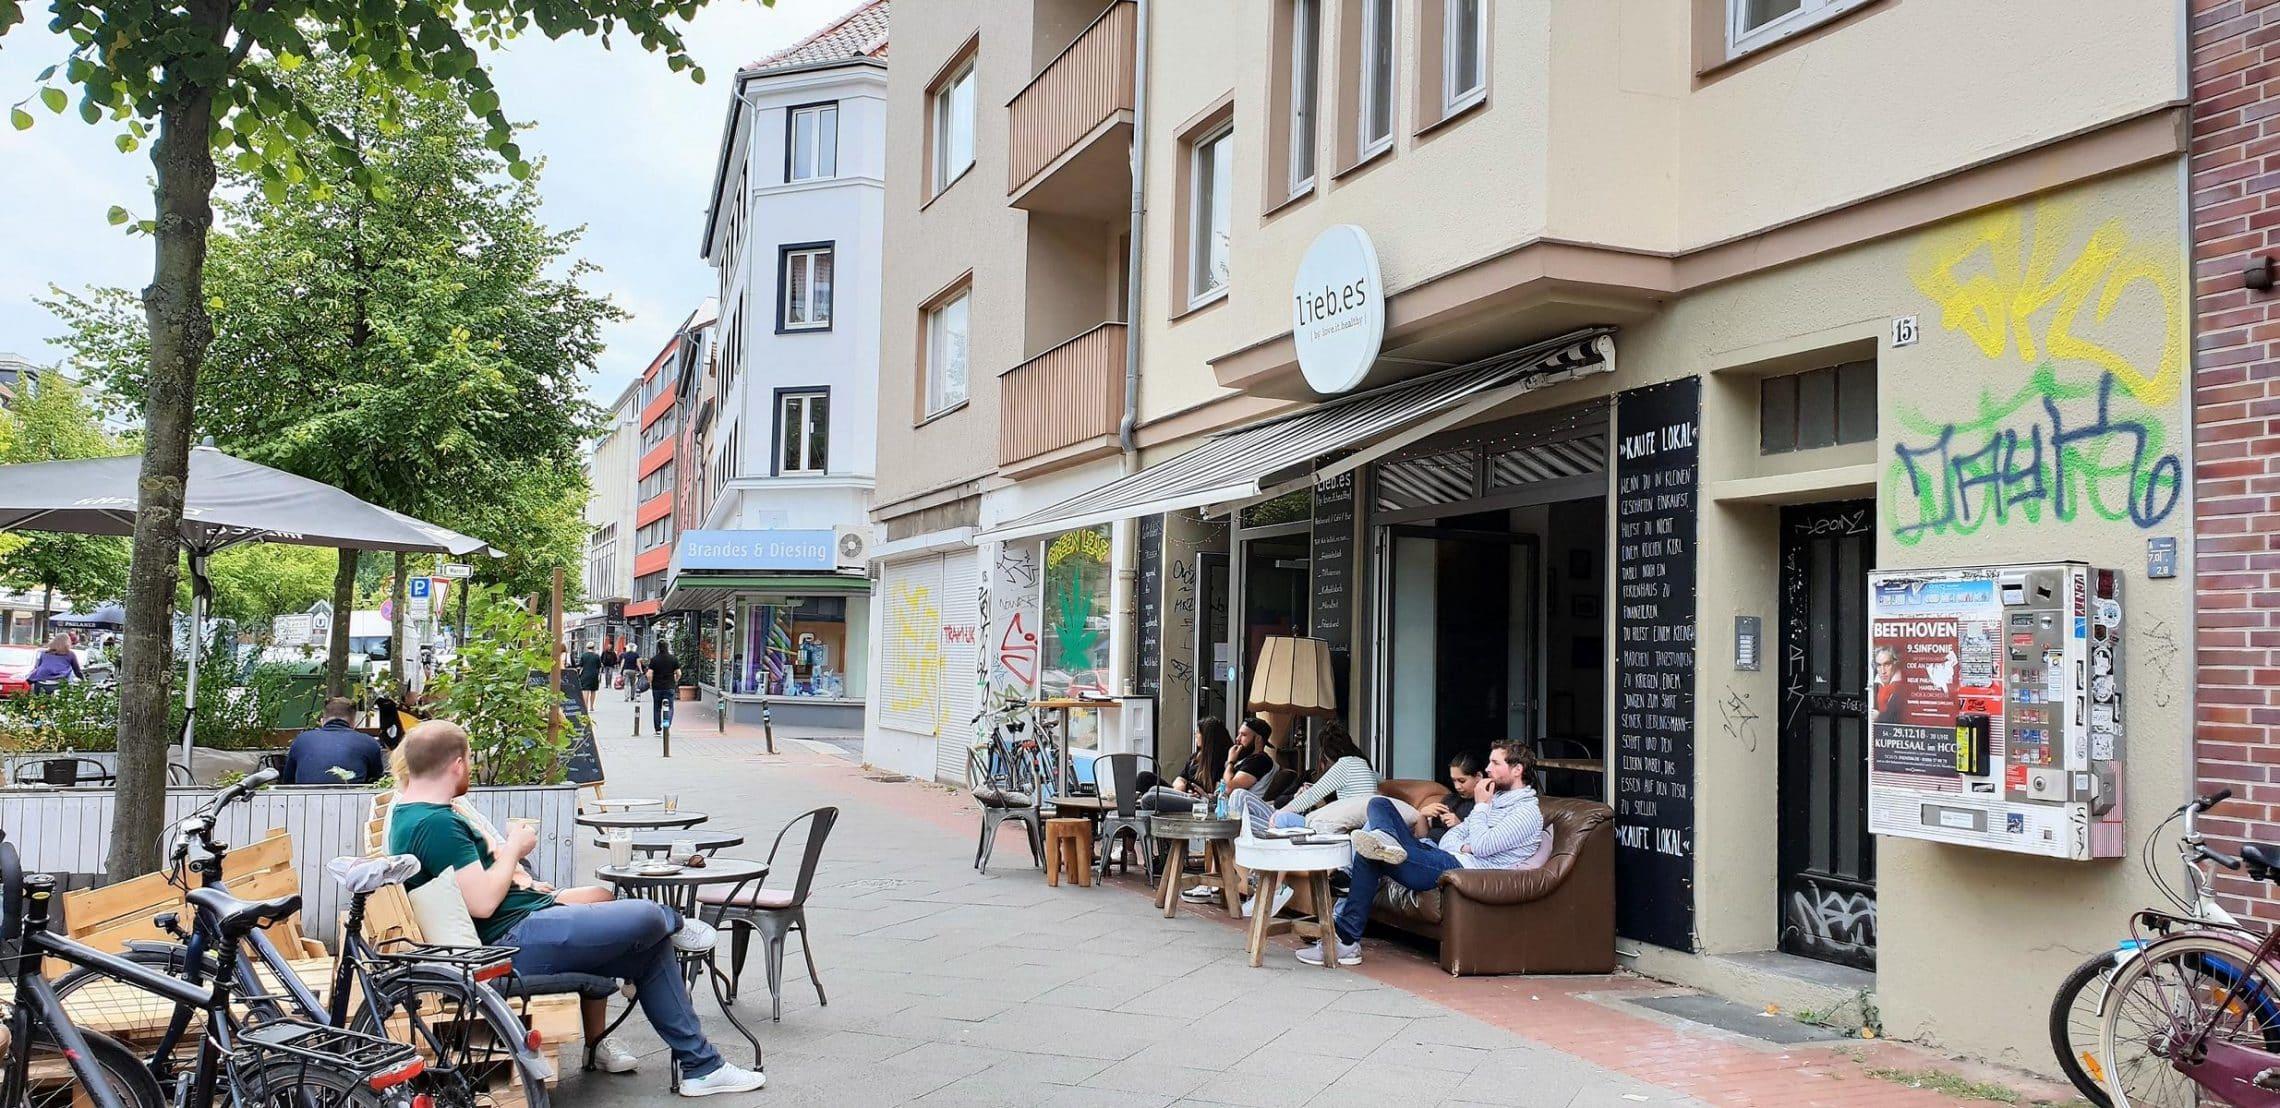 style hannover lieb es cafe 3 - lieb.es